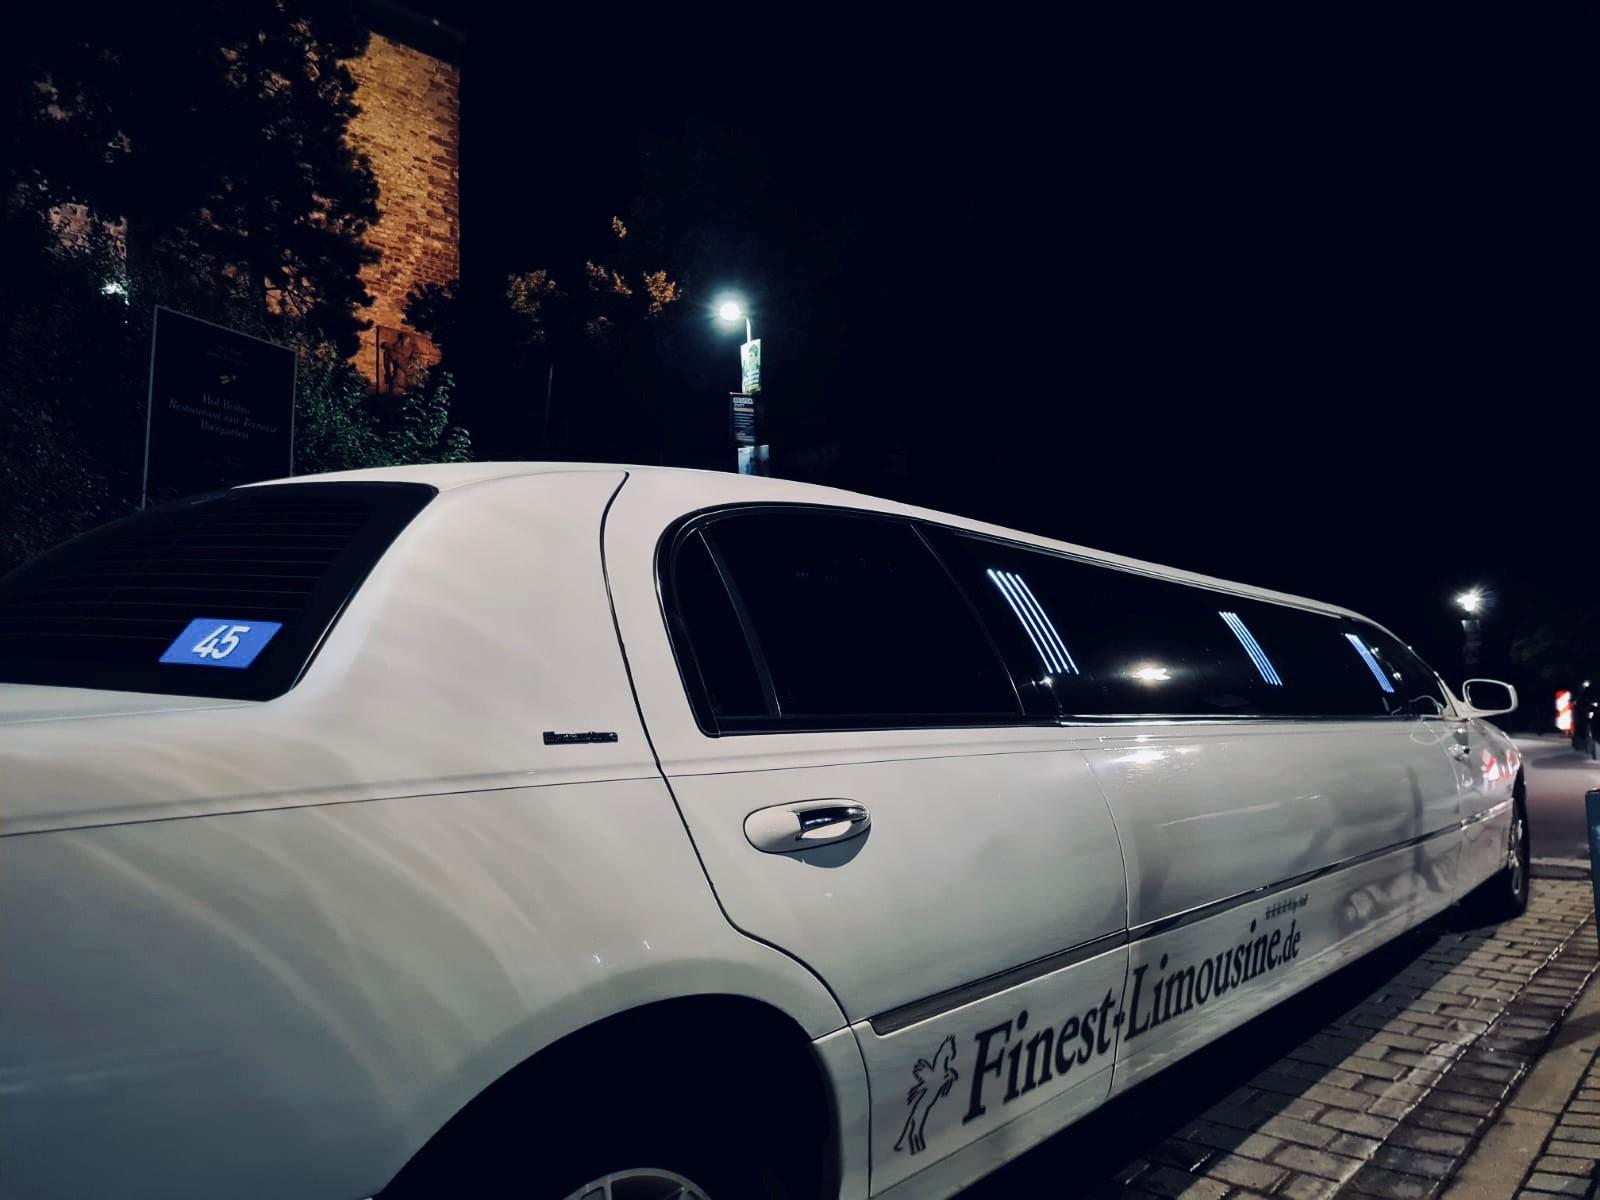 Wenn auf dem Hochzeitsauto eine weiß-blaue Nummer klebt